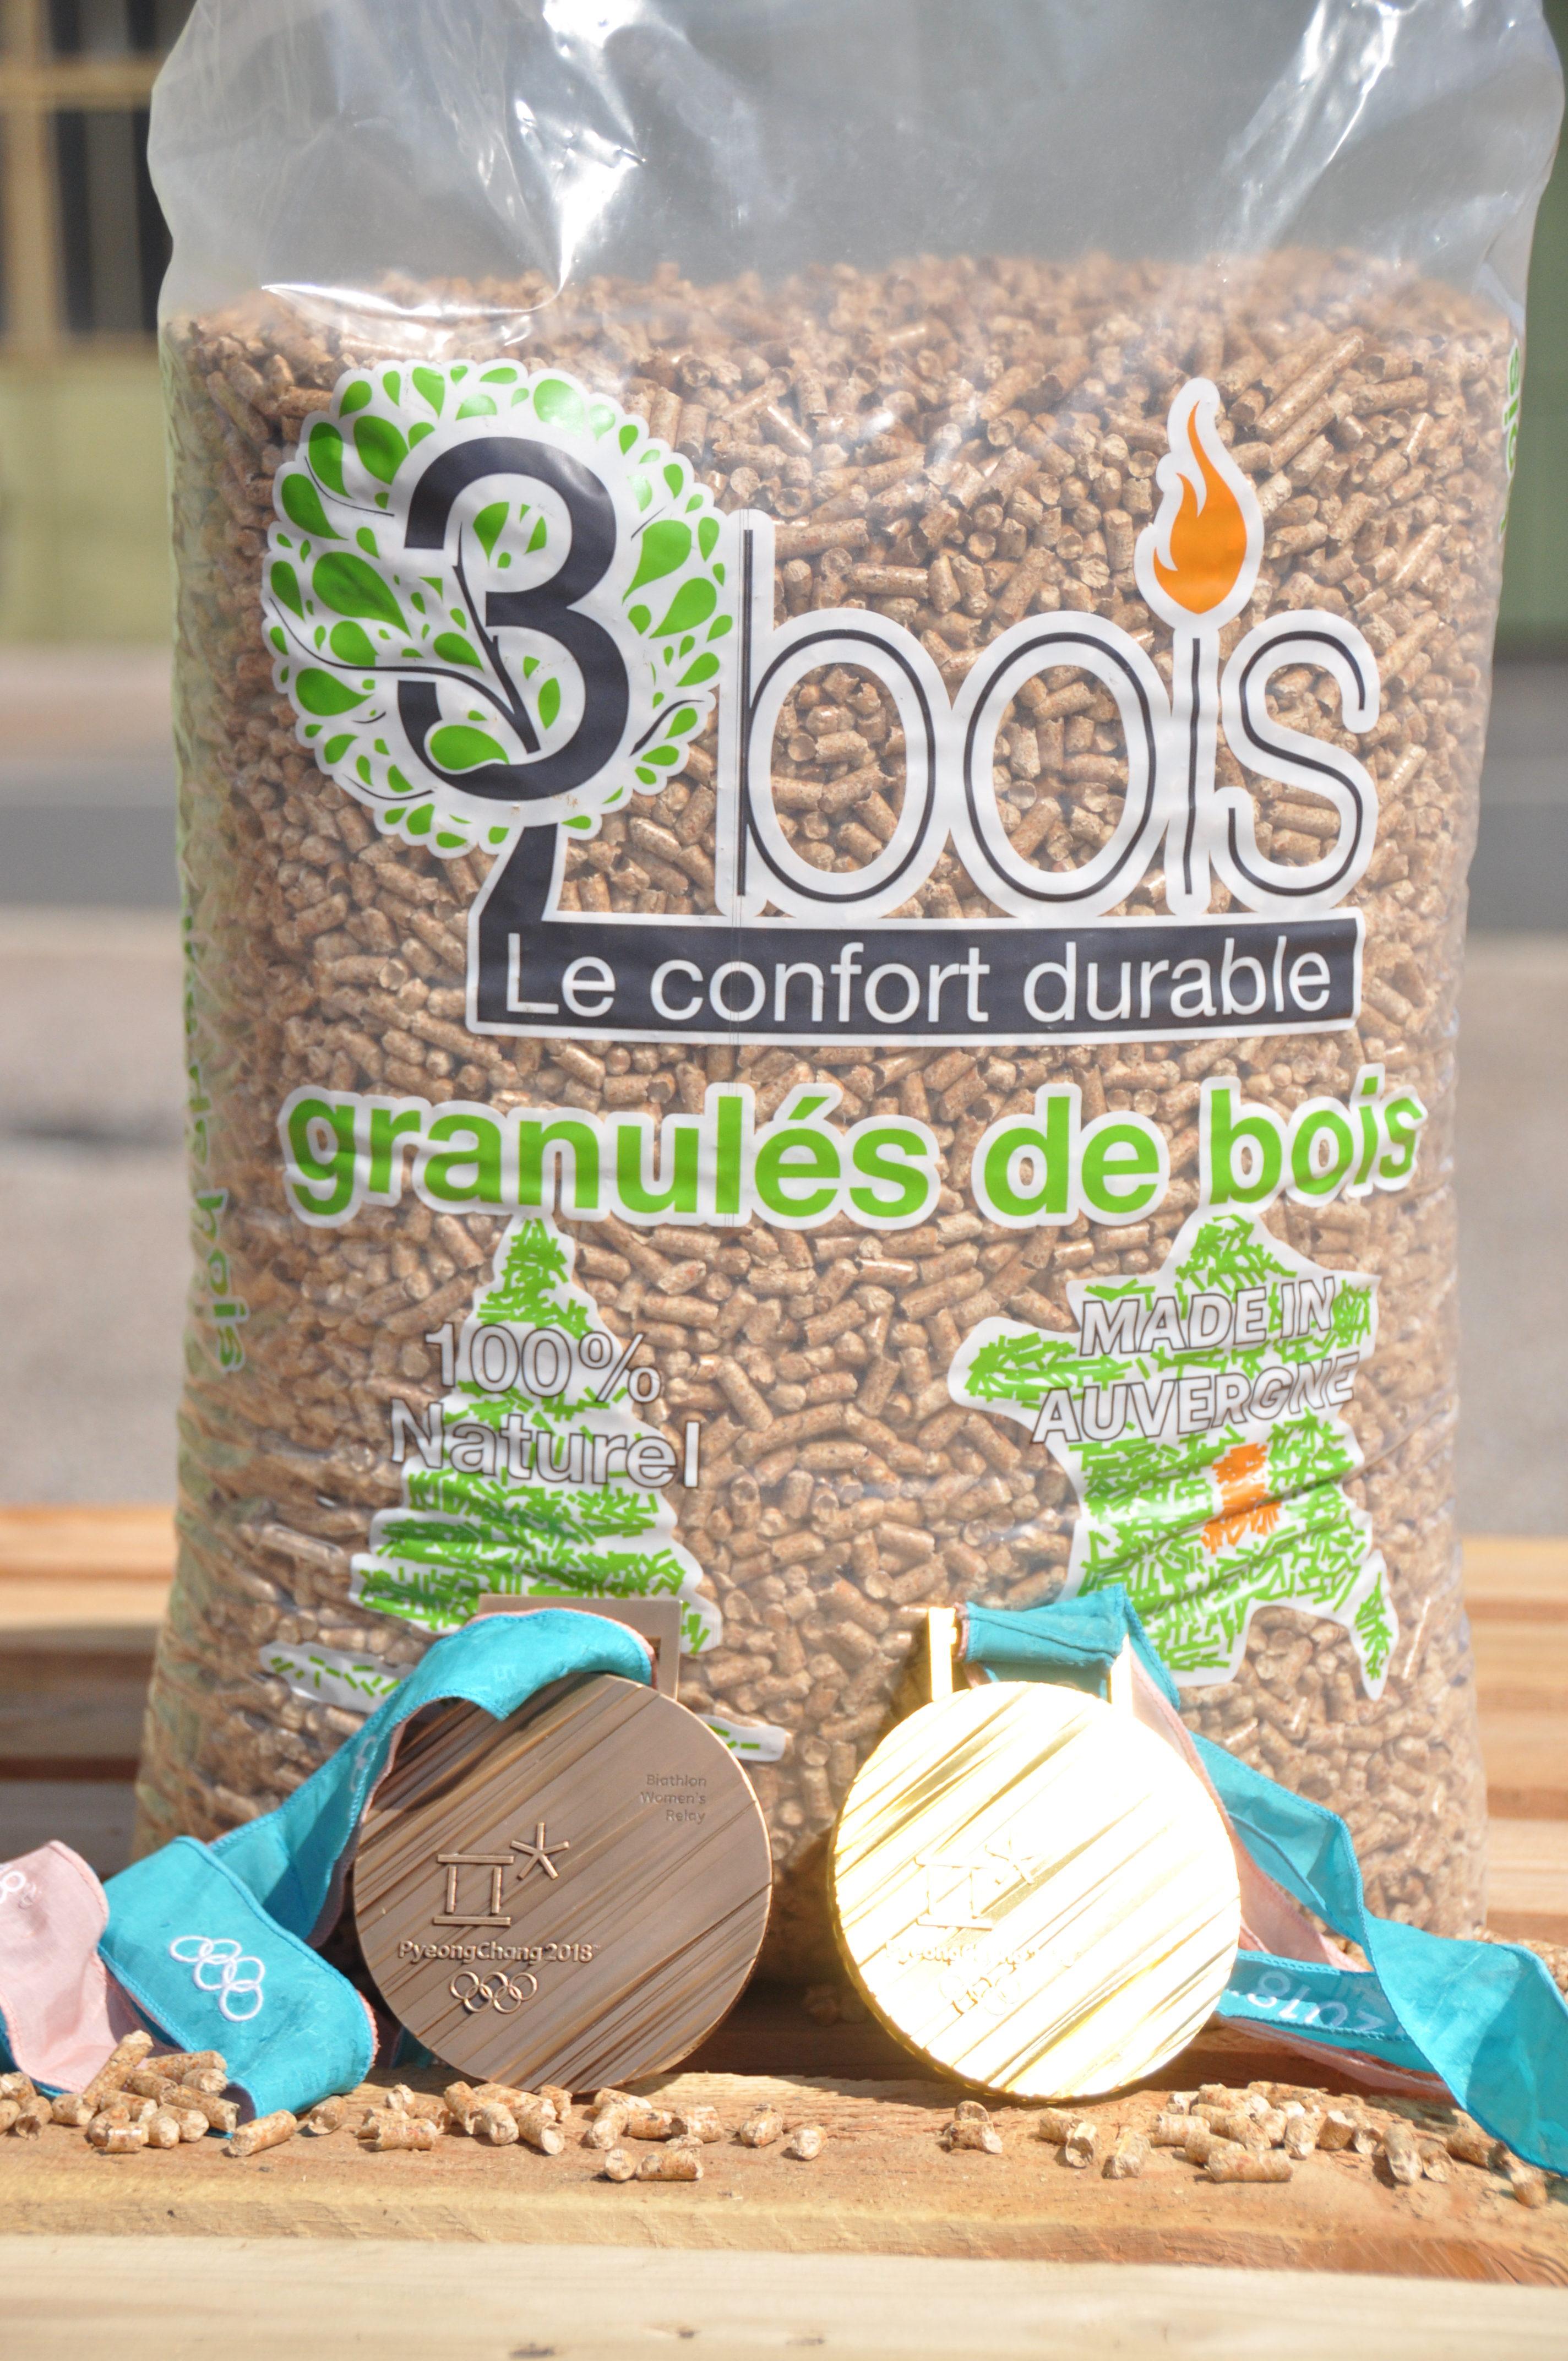 Granulés De Bois 3bois Sac 15kg